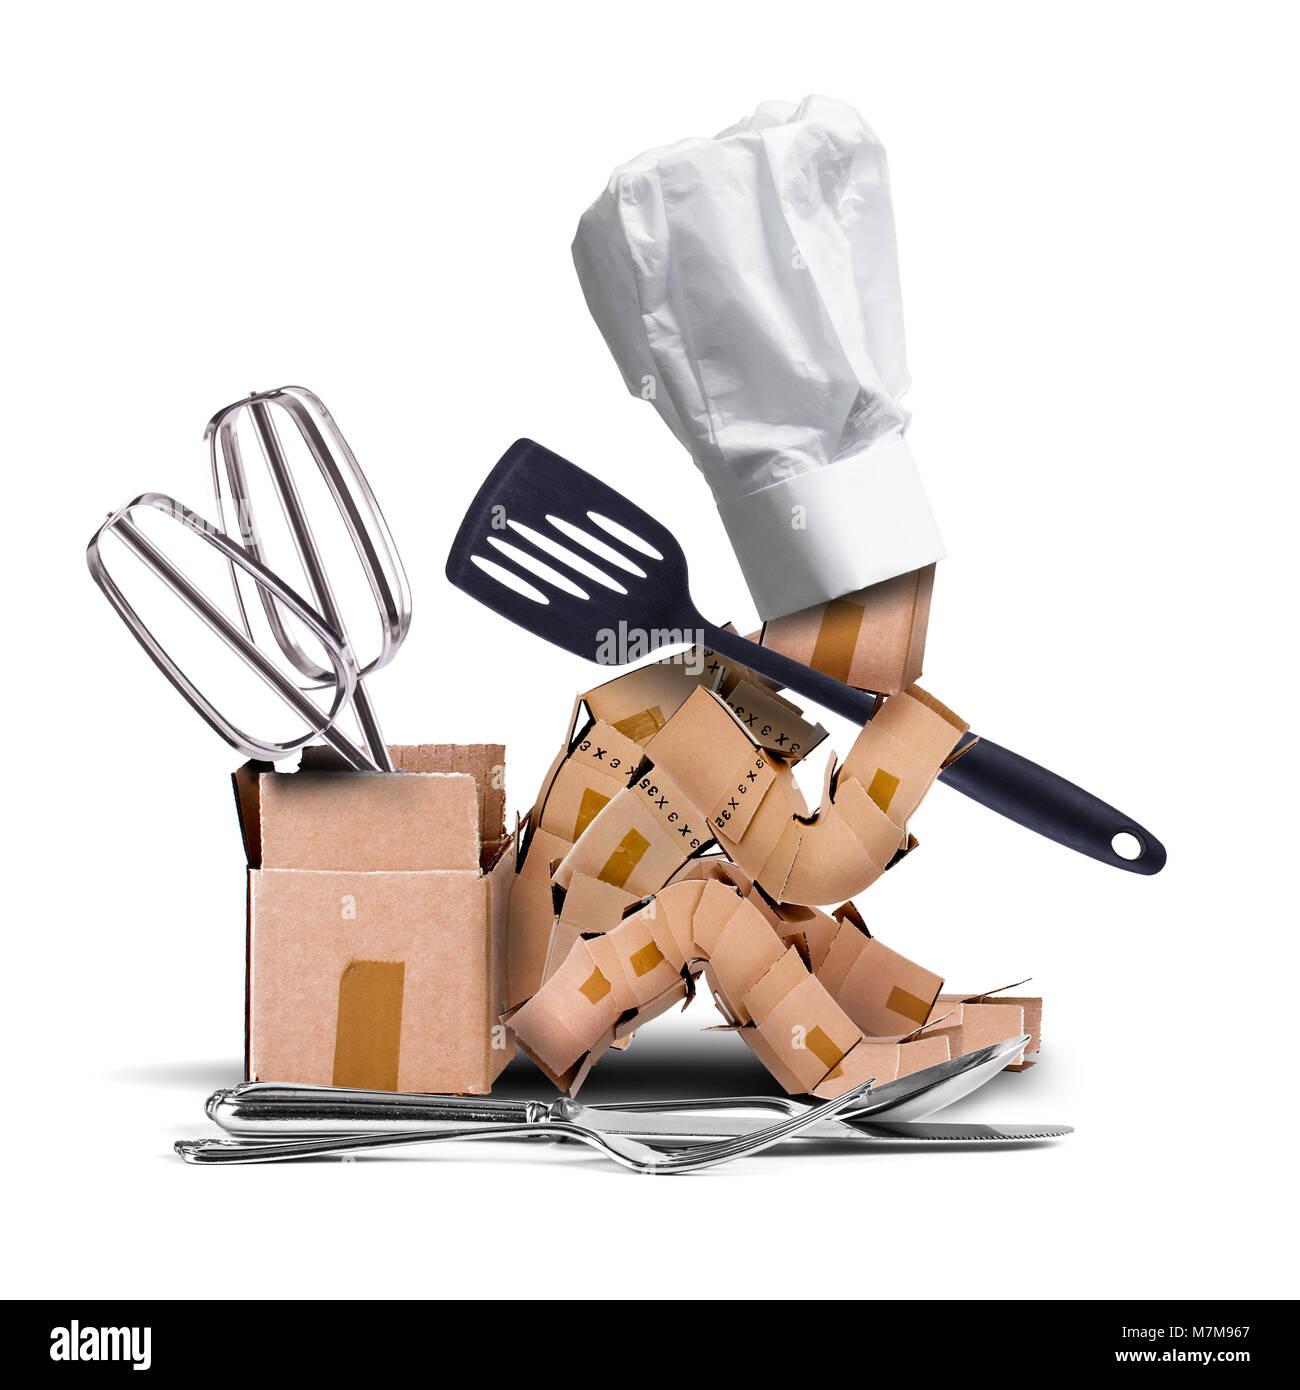 Koch box Charakter sat Denken mit Chefs hat und Küchengeräte ...